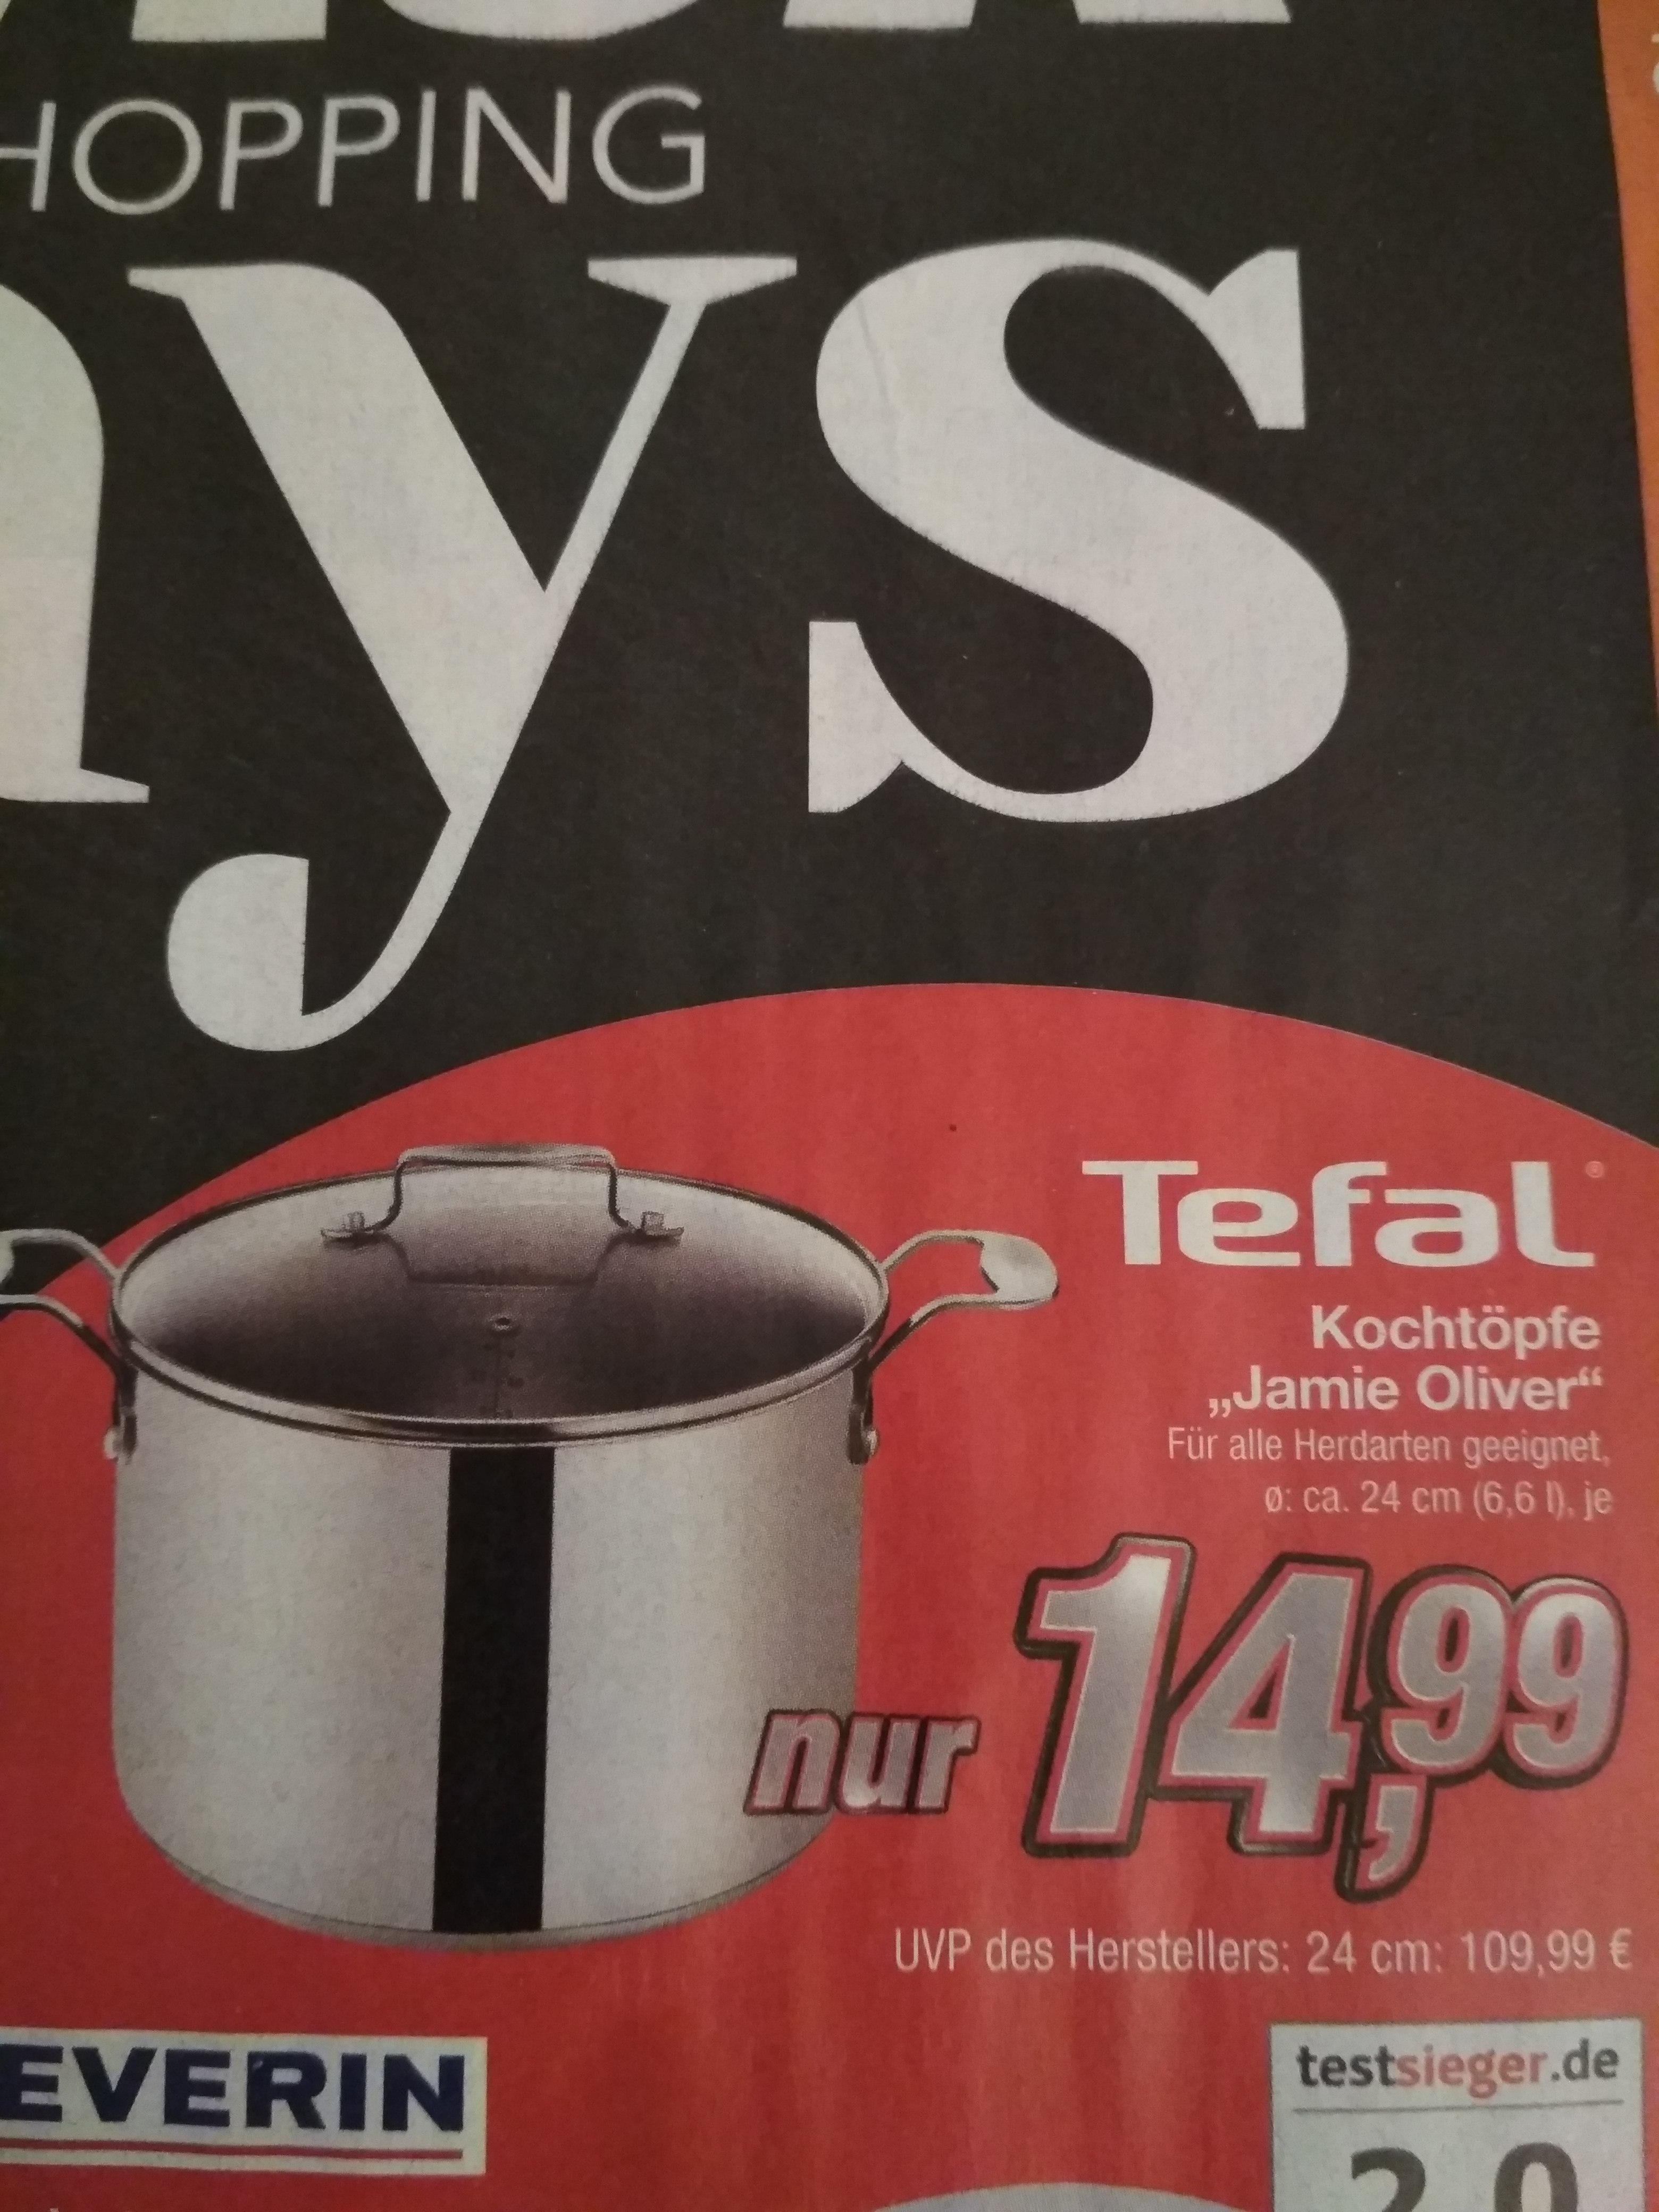 kik (bundesweit?)  Tefal Jamie Oliver Kochtopf 6,6 Liter, alle Herdarten,  für 14,99€